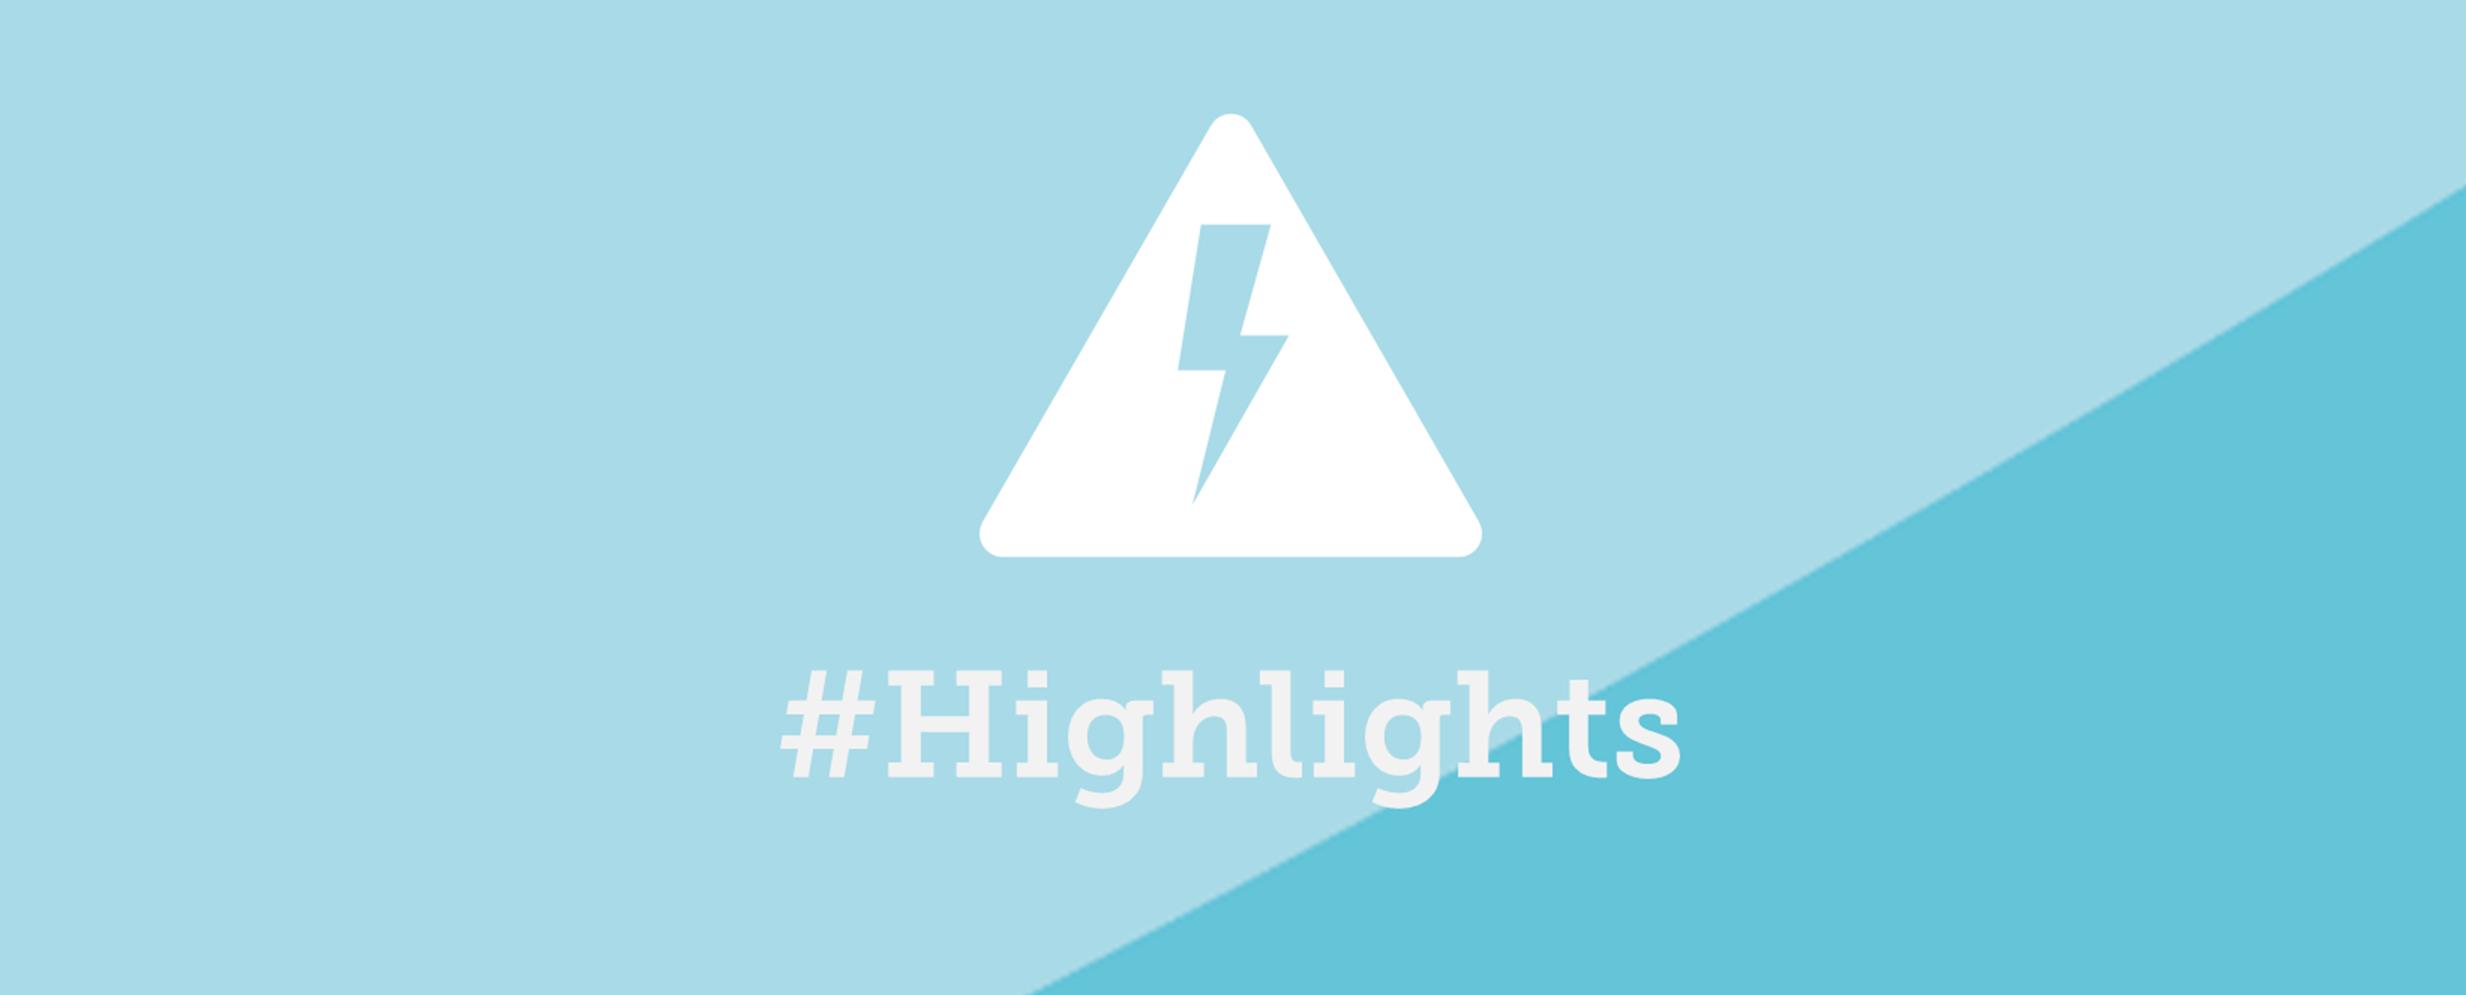 Kästchen highlights desktop